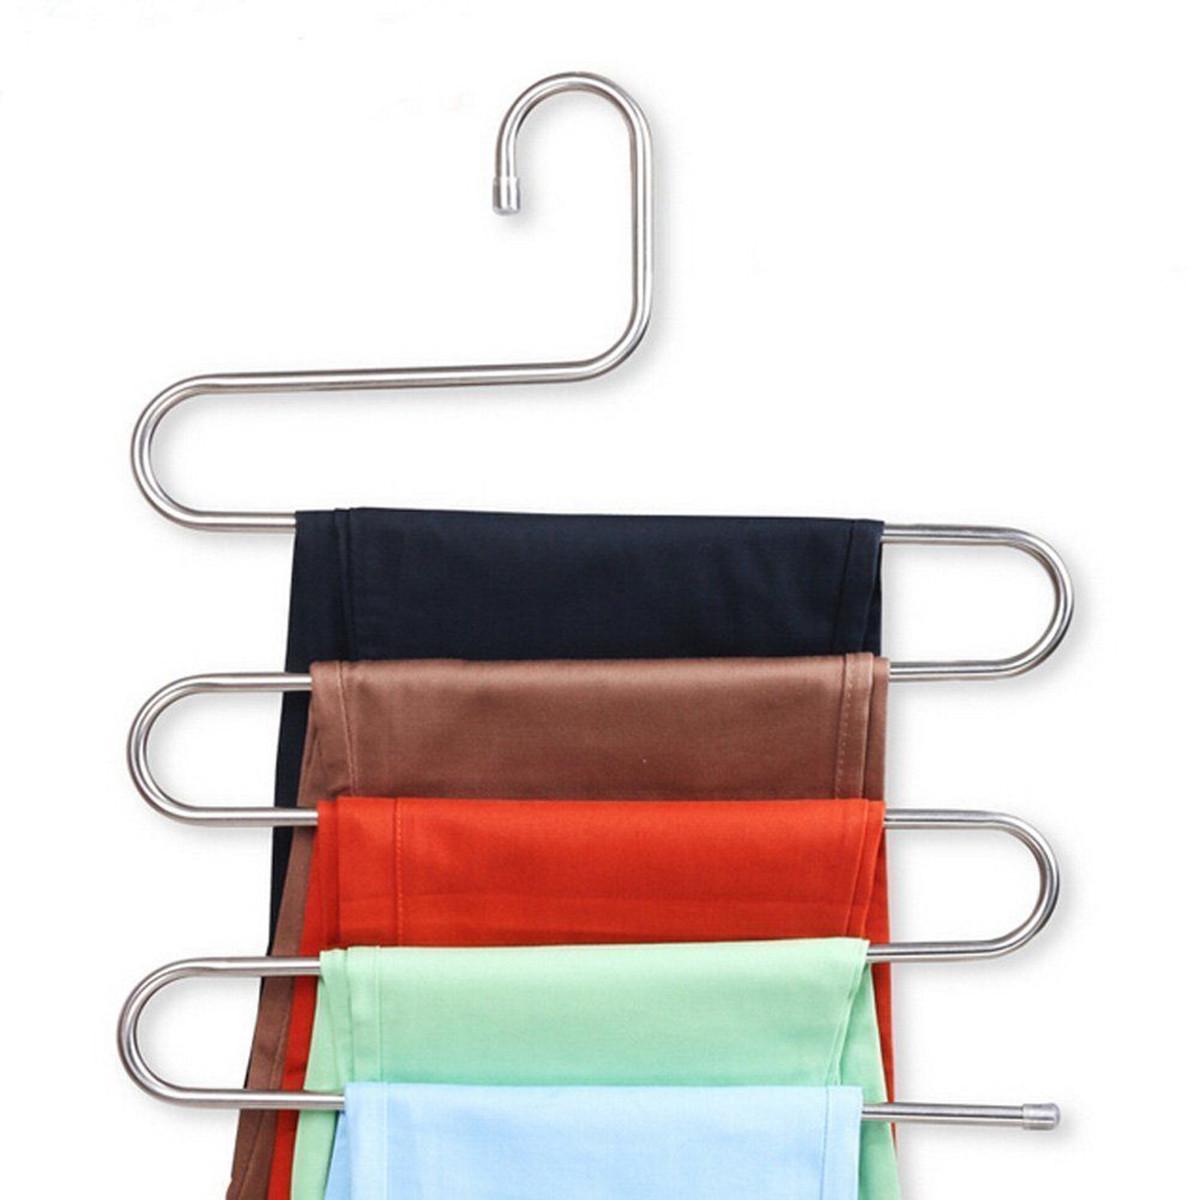 5 Strati Pantaloni Pantaloni appendiabiti Asciugamani Appendi abiti in tessuto Salvaspazio